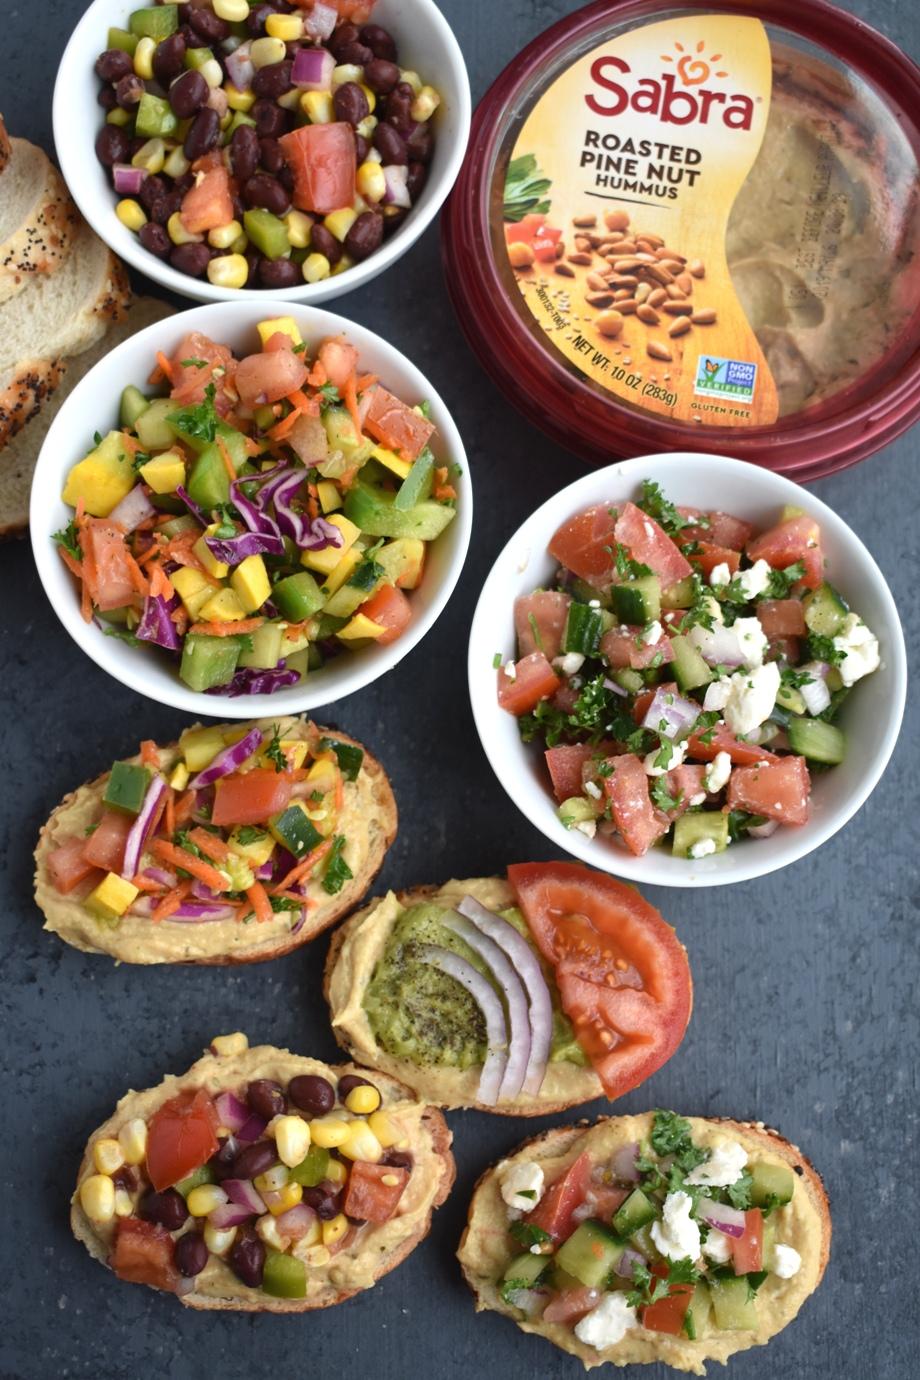 Sabra Hummus Toast 4 ways